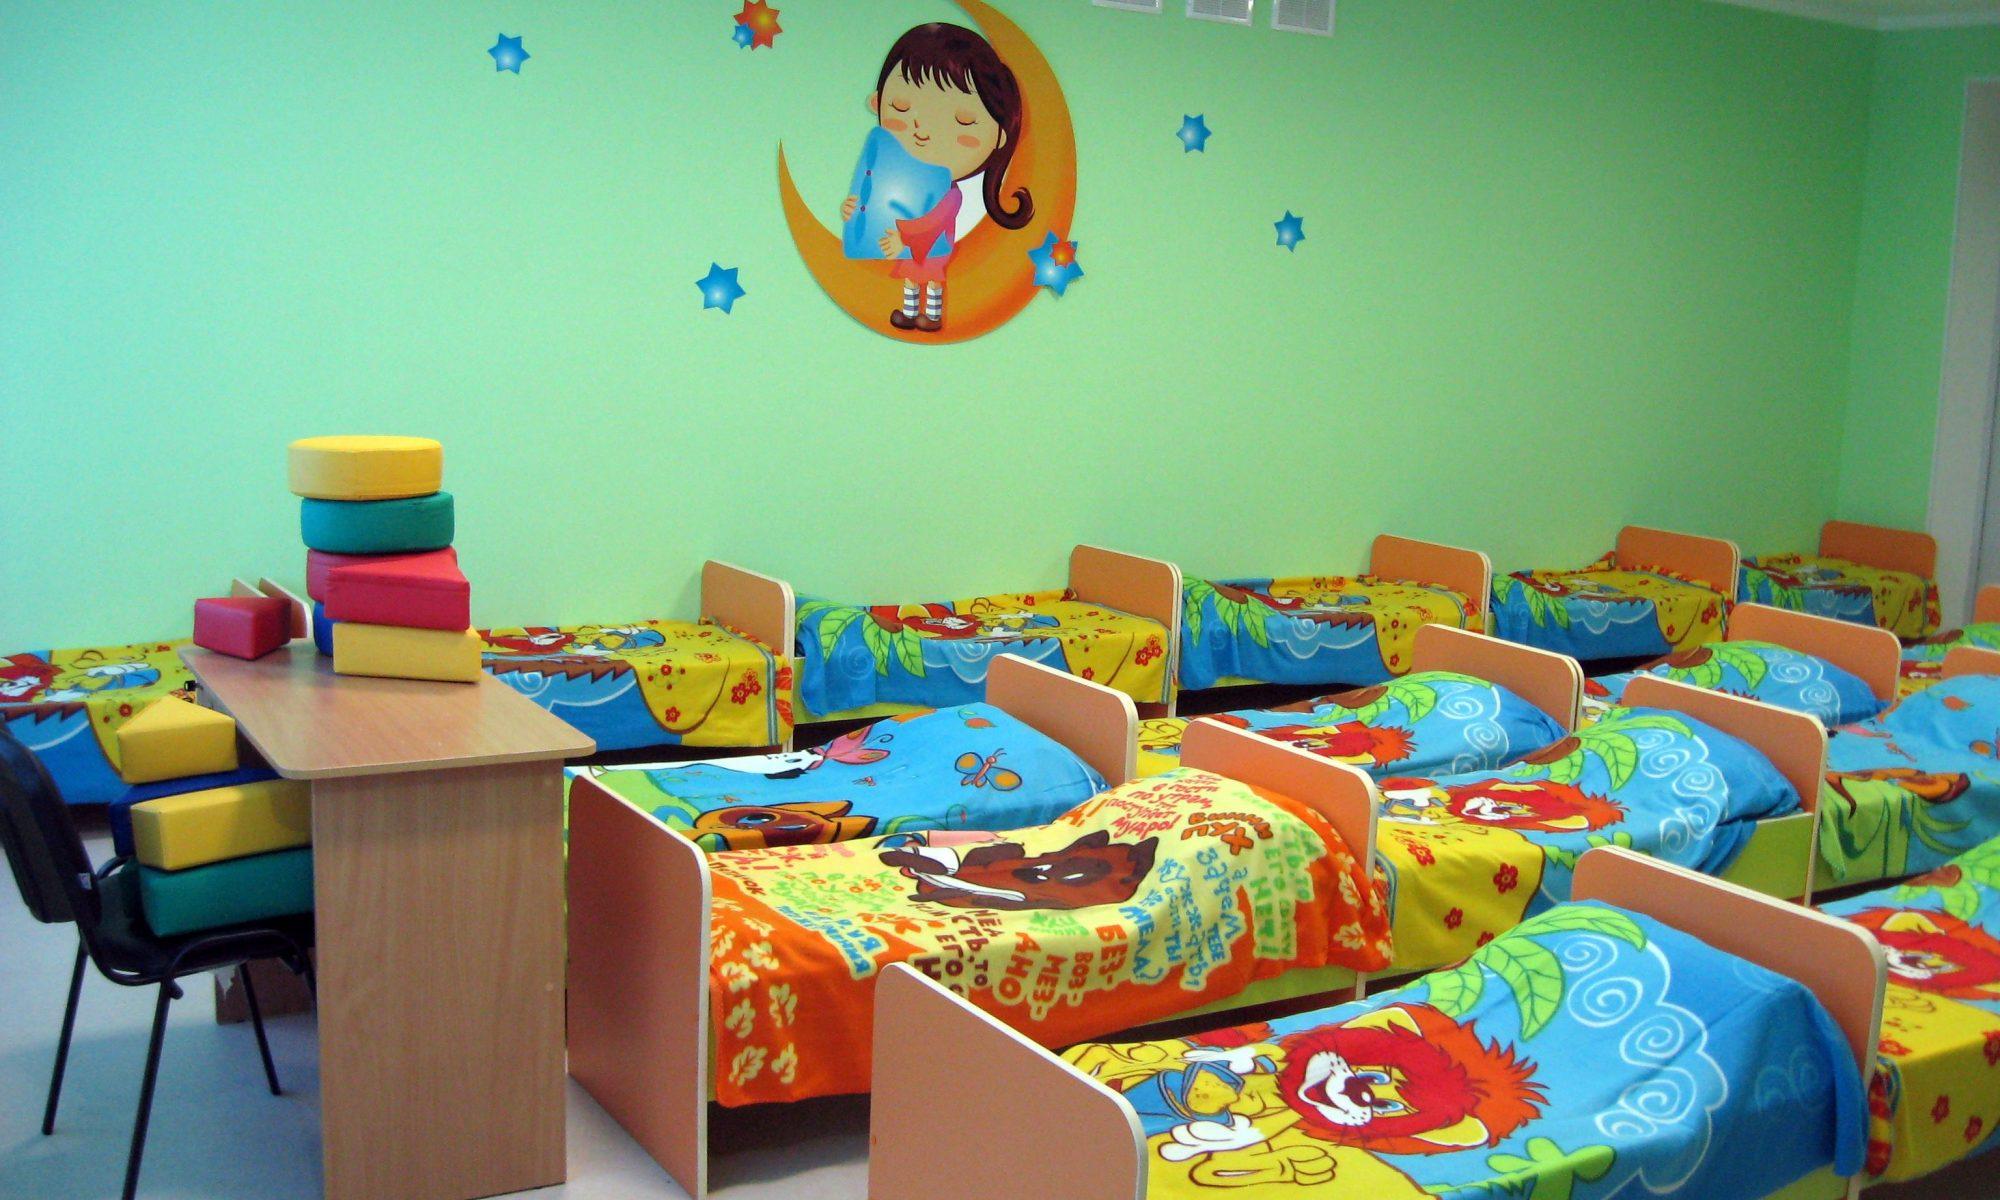 issledovanie-v-detskih-sadah-rossii-ne-hvataet-mest